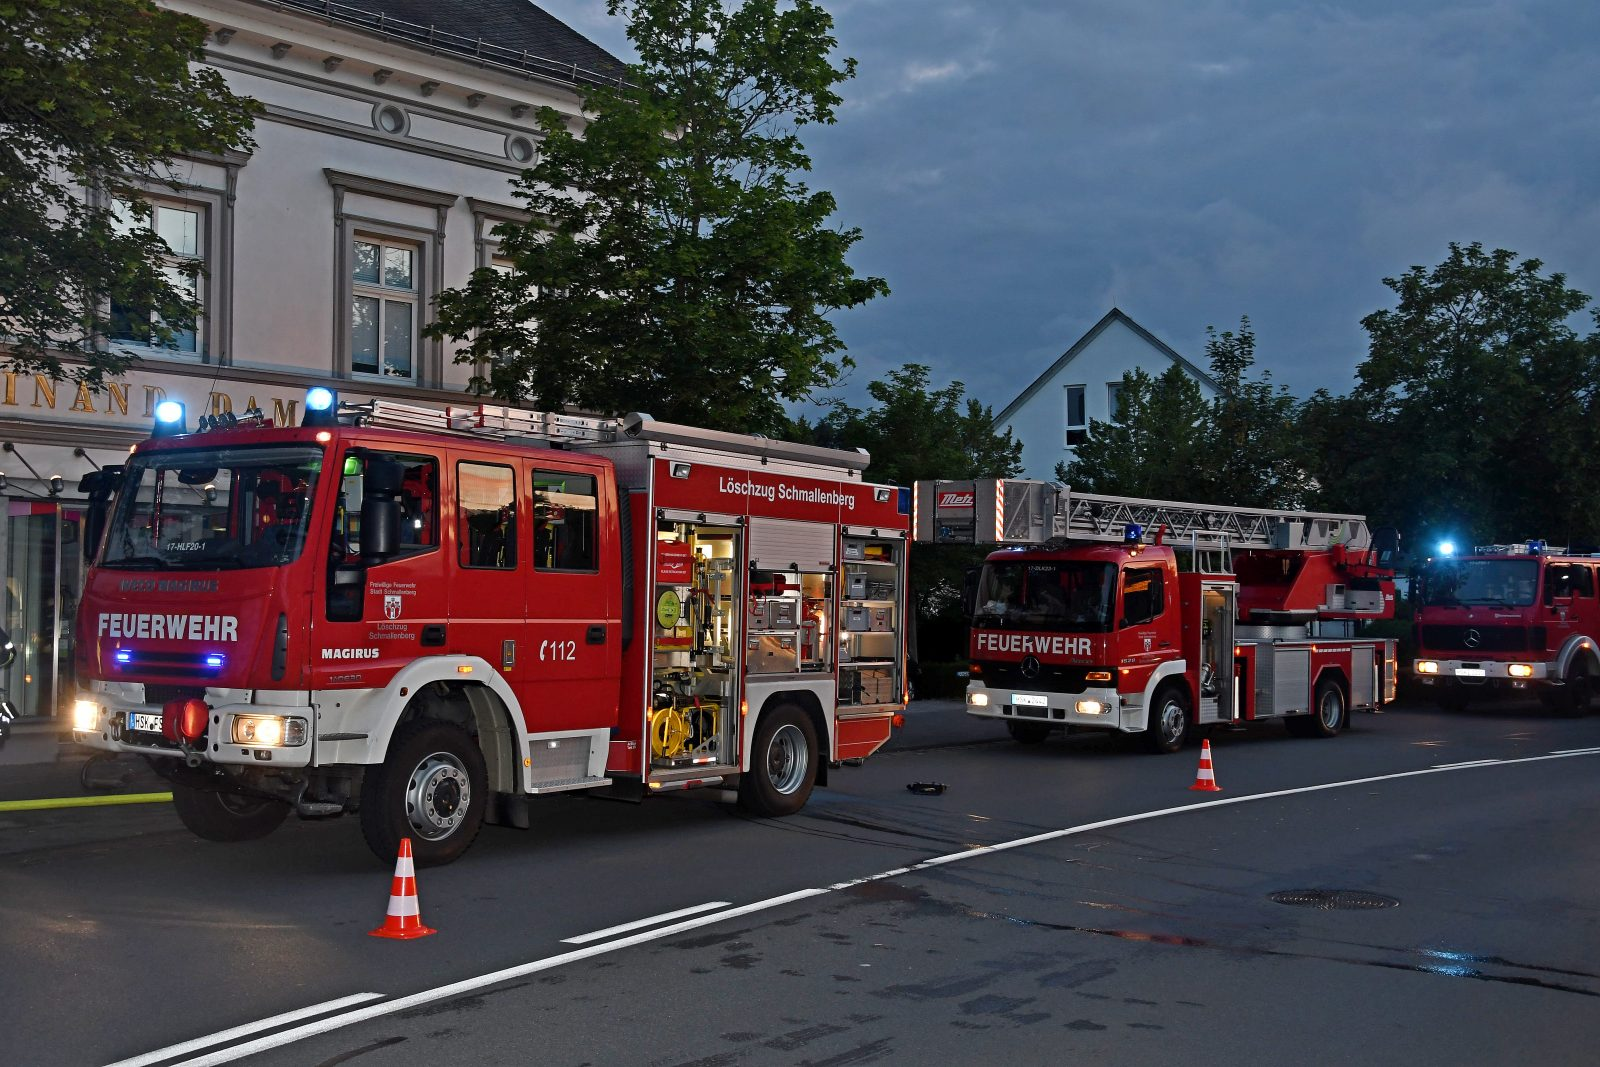 Löschzug Schmallenberg wurde wegen Explosionsgefahr zur versuchten Sprengung eines Geldautomaten alarmiert